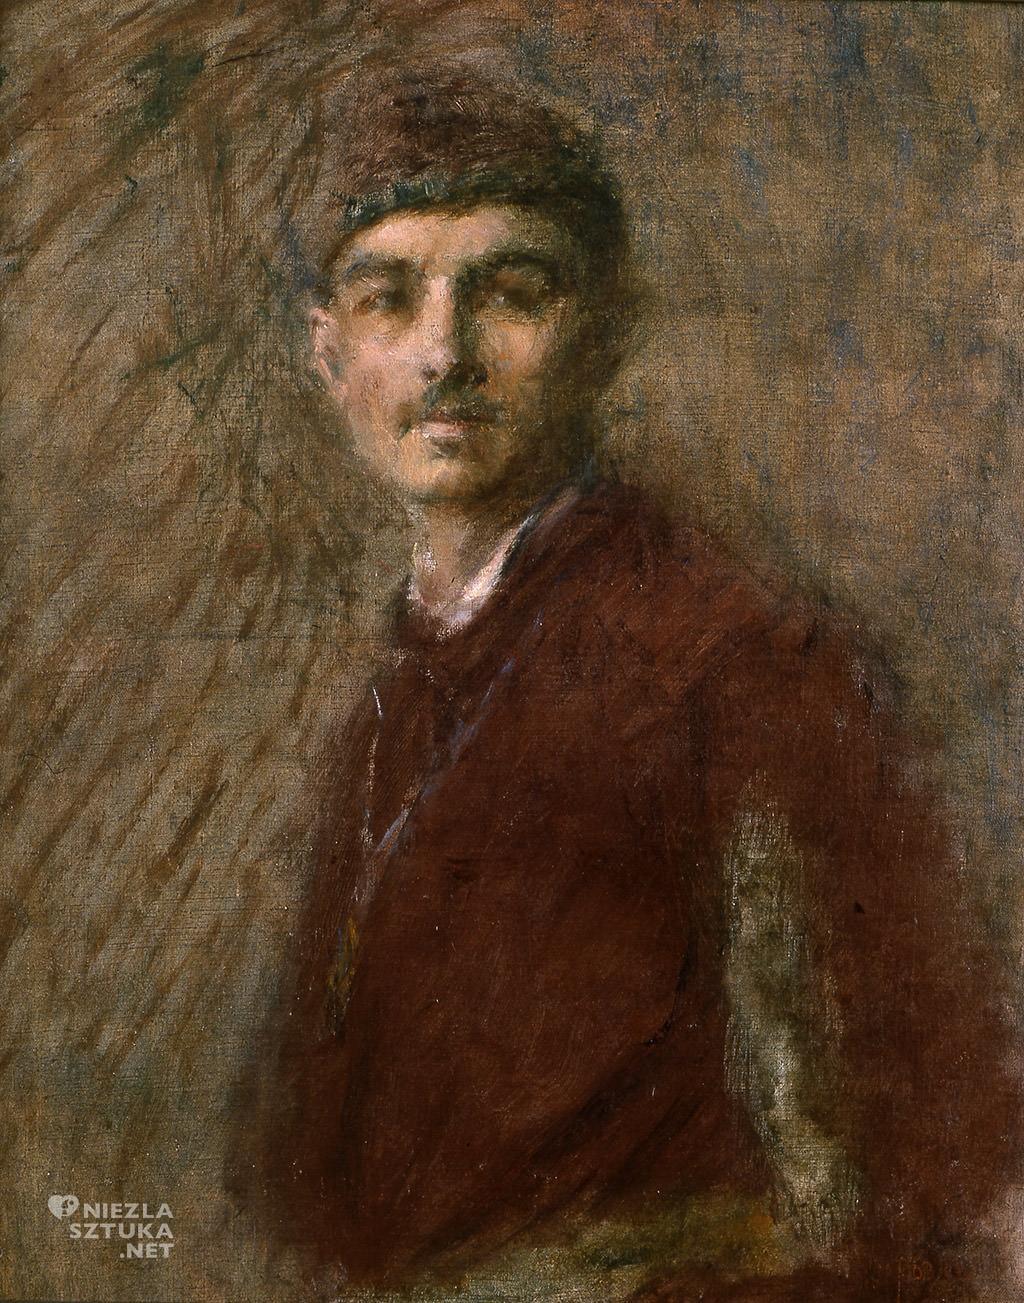 Władysław Podkowiński, Autoportret, Niezła Sztuka